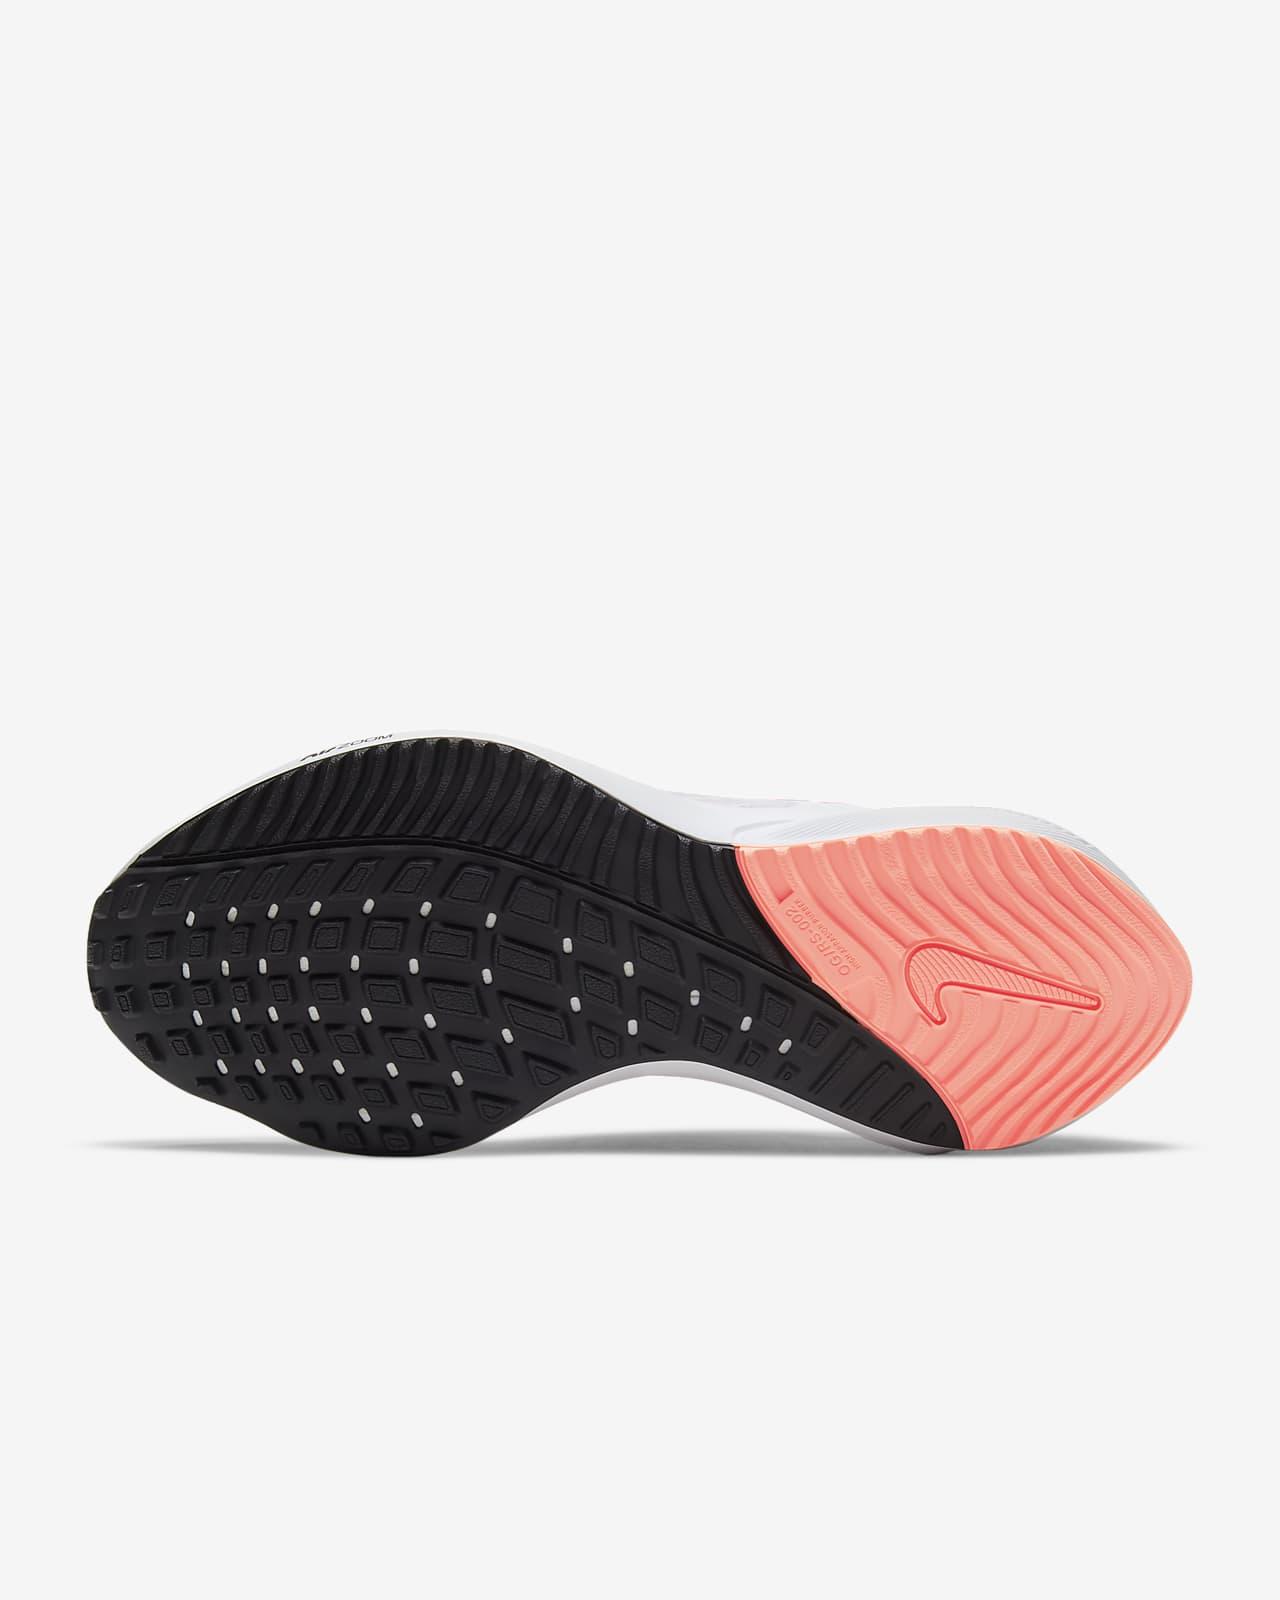 Nike Air Zoom Vomero 15 Women's Running Shoe. Nike ID